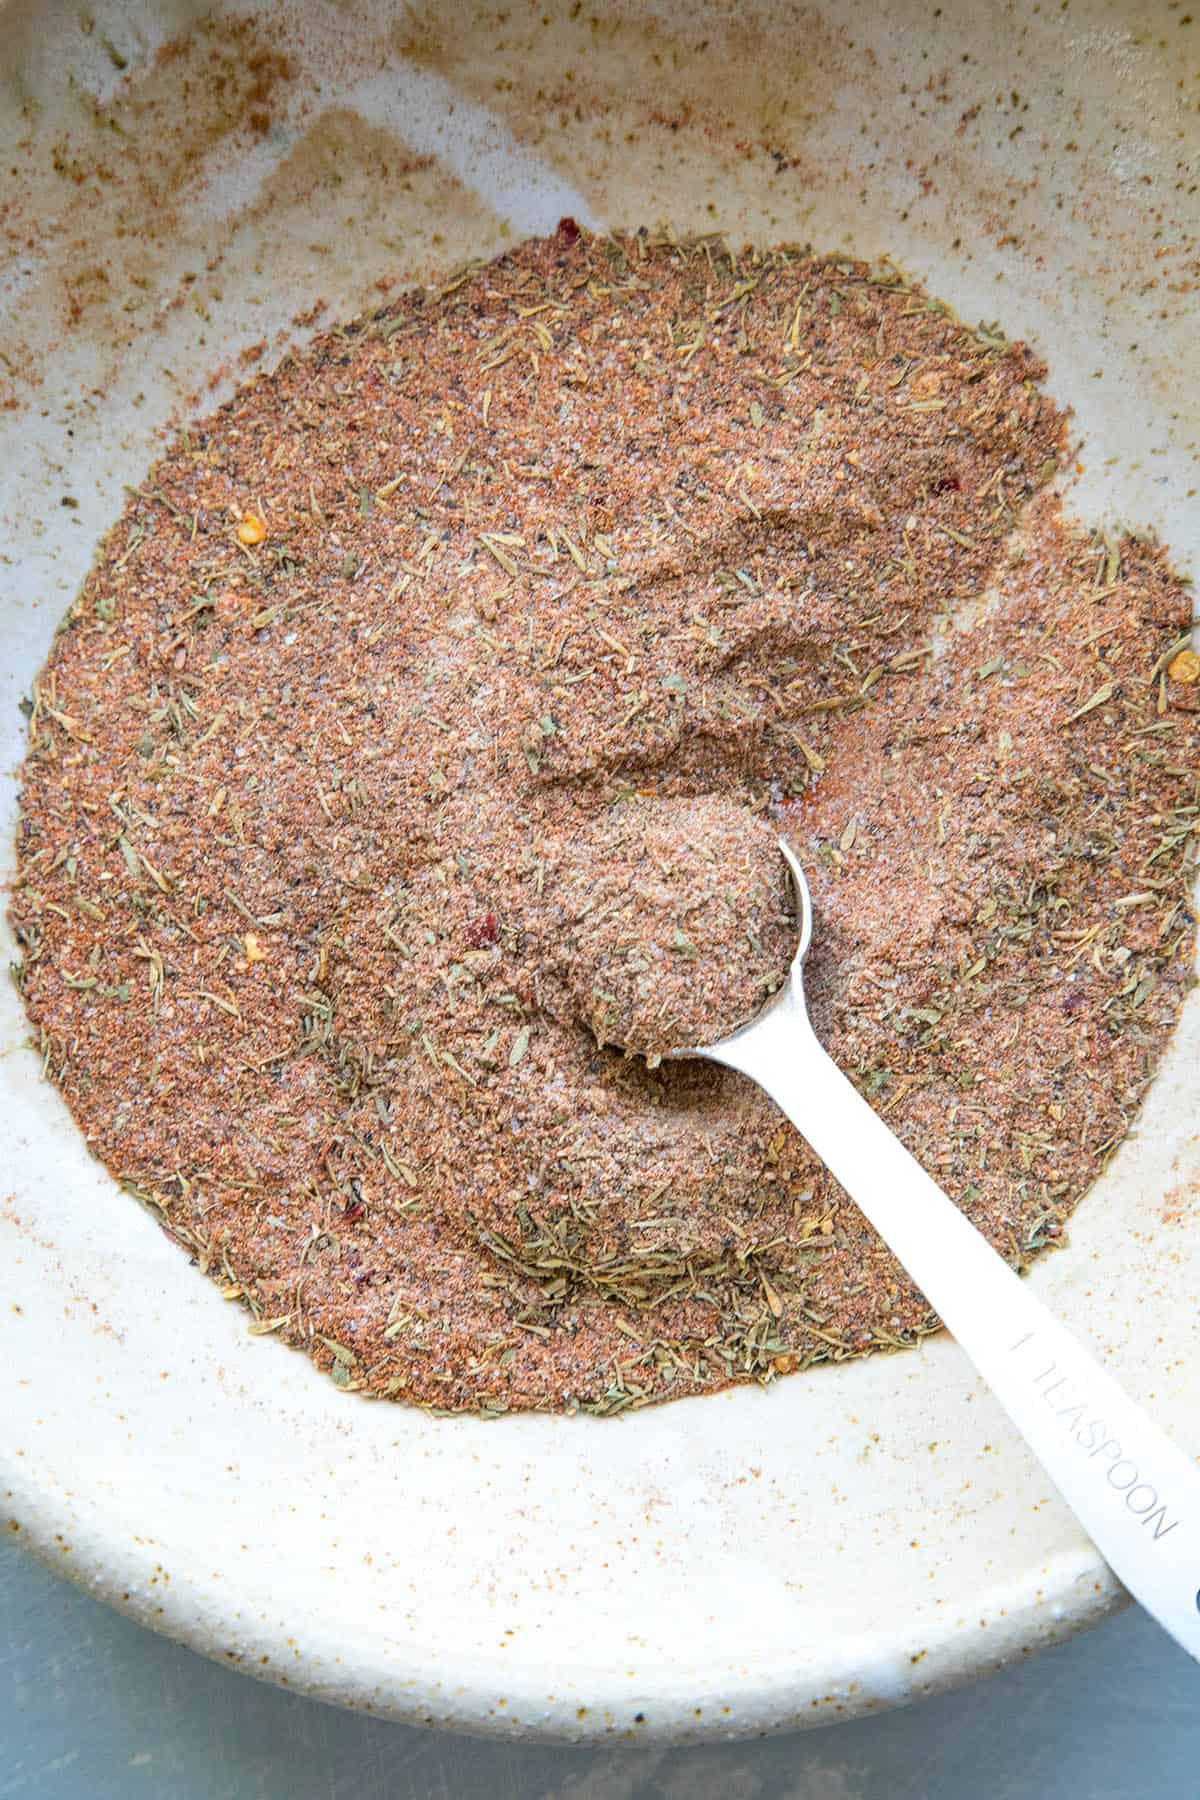 Jamaican Jerk Seasoning – Taste of the Caribbean